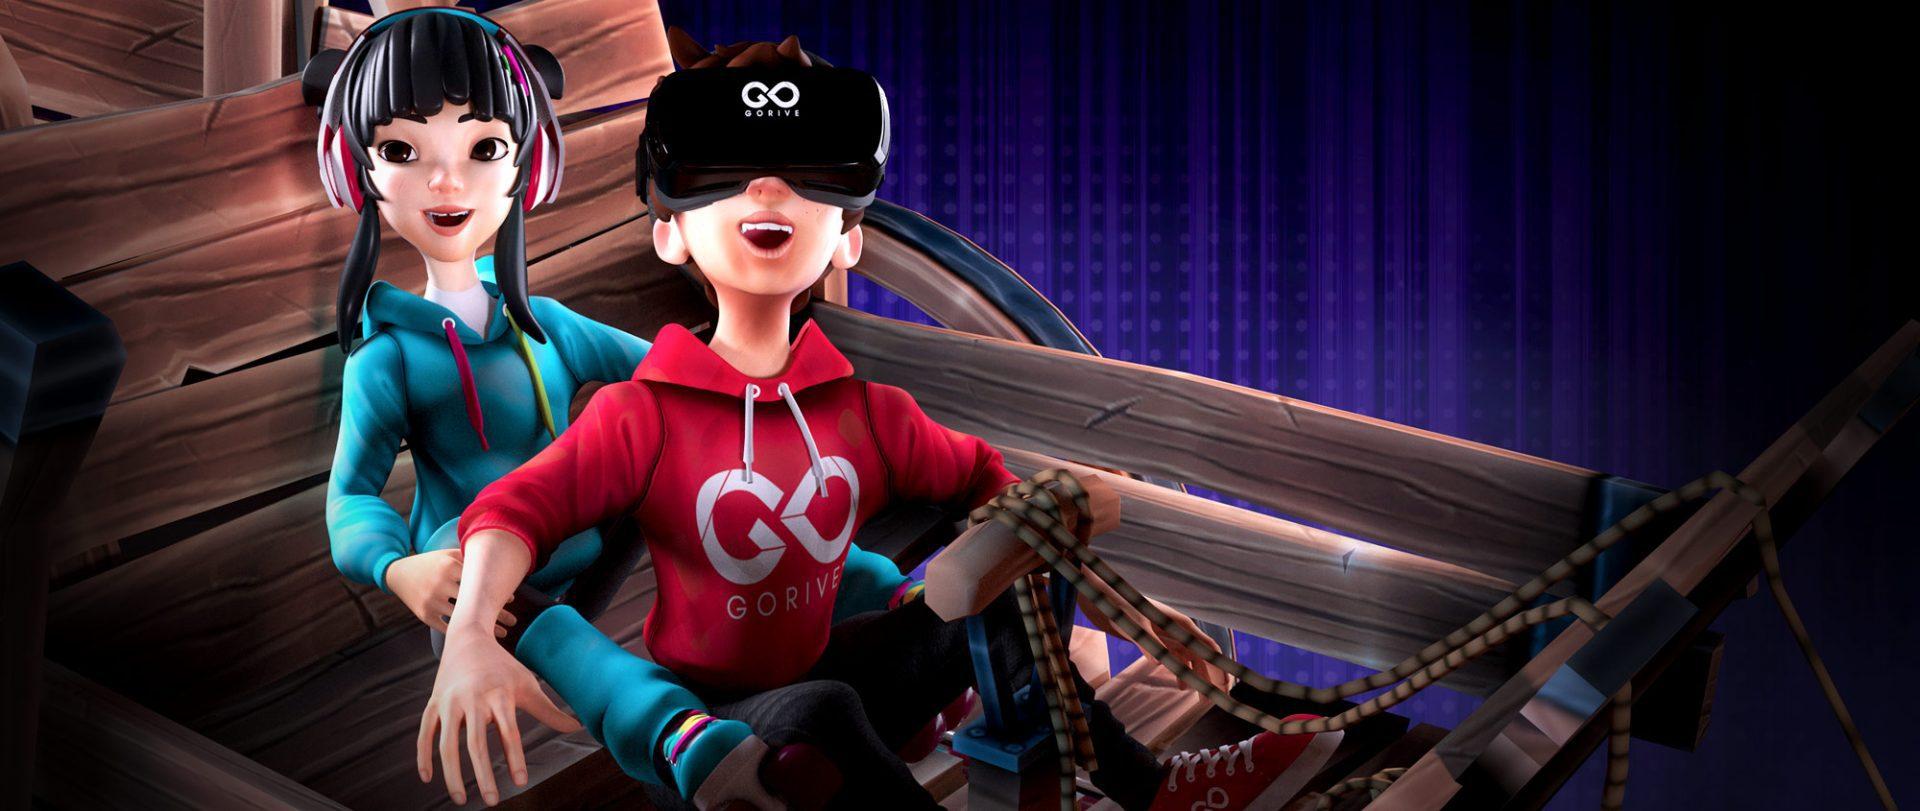 Des enfants en 3D dans un jeu video de la luge VR